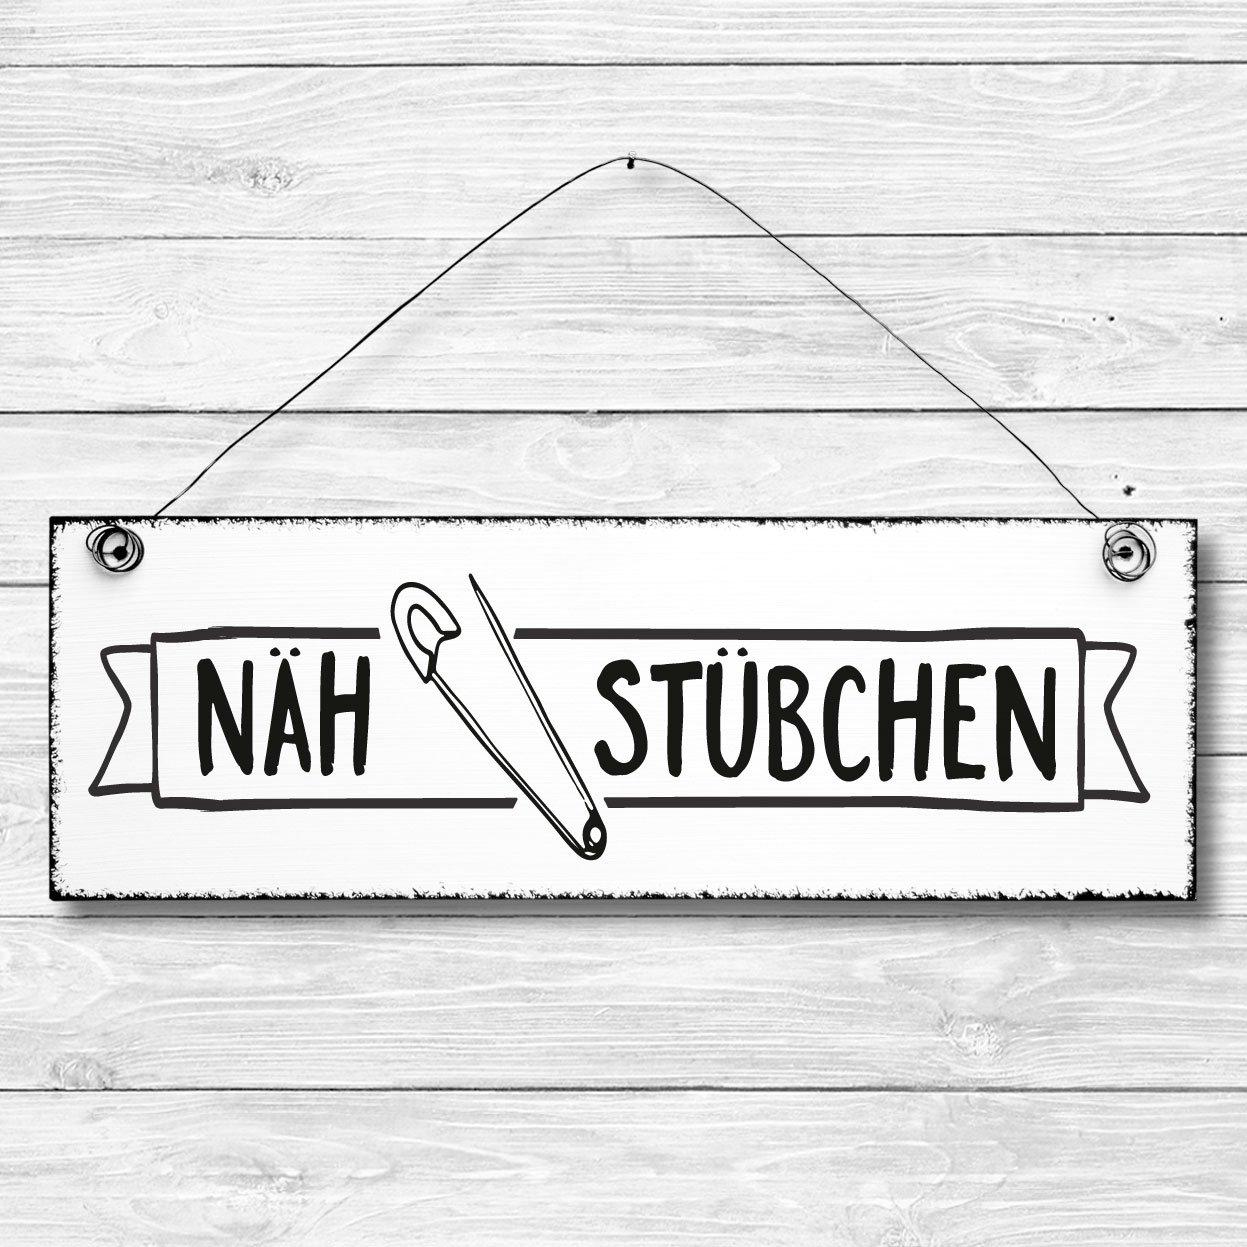 Nähstübchen - Türschild Dekoschild Wandschild Holz Deko Schild 10x30cm Holzdeko Holzbild Deko Schild Geschenk Mitbringsel Badezimmer nähen